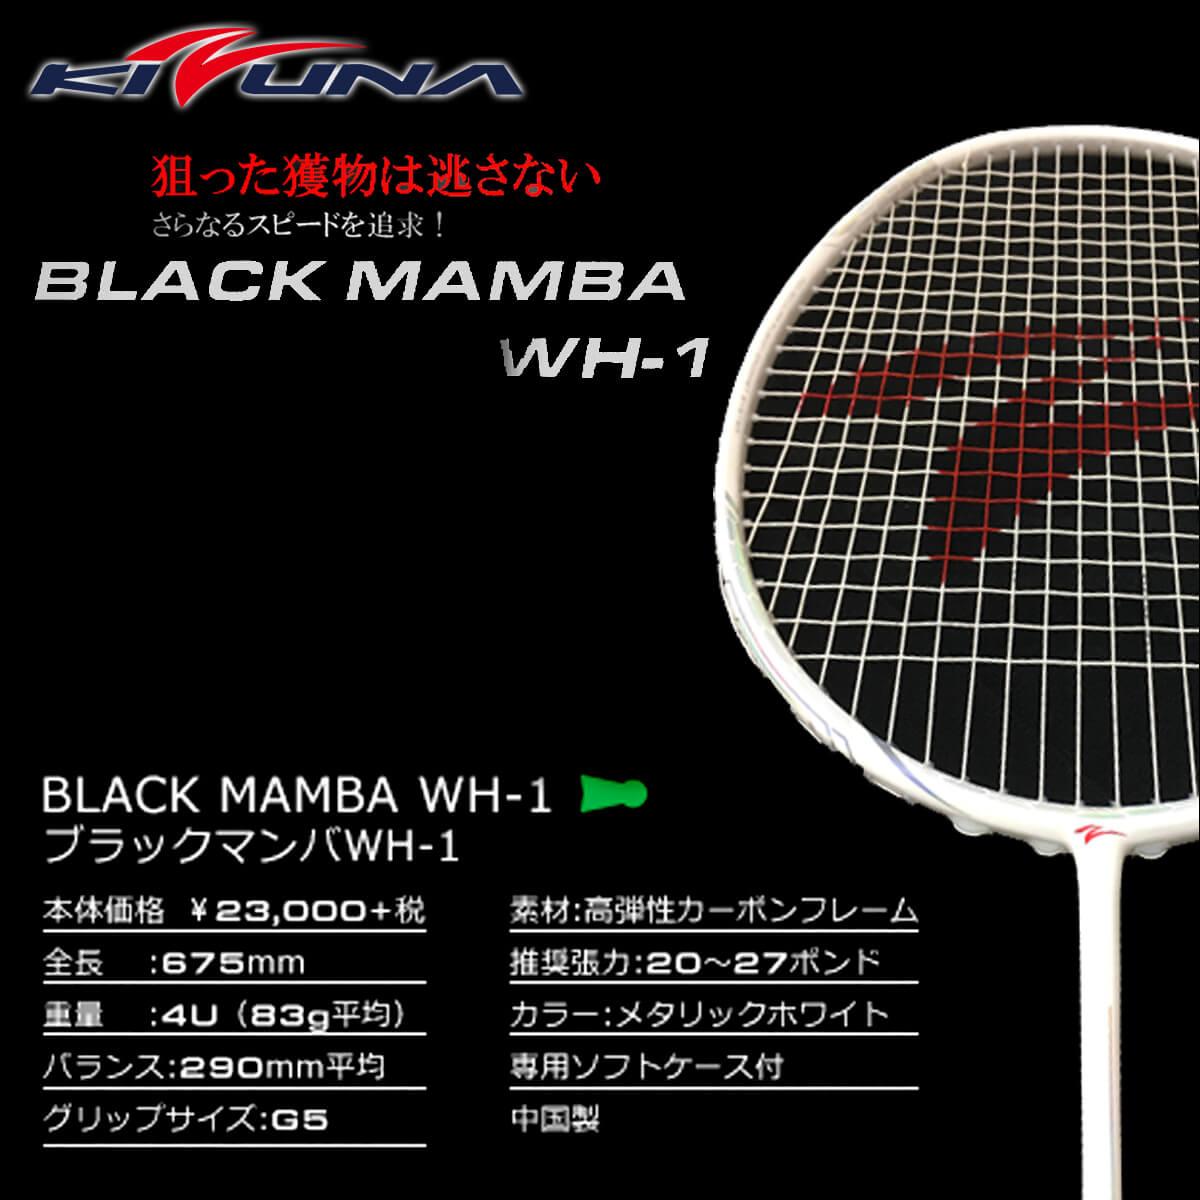 KIZUNA BK-WH1 BLACKMAMBA ブラックマンバ バドミントンラケット キズナ【ガット張り工賃無料/ 取り寄せ】